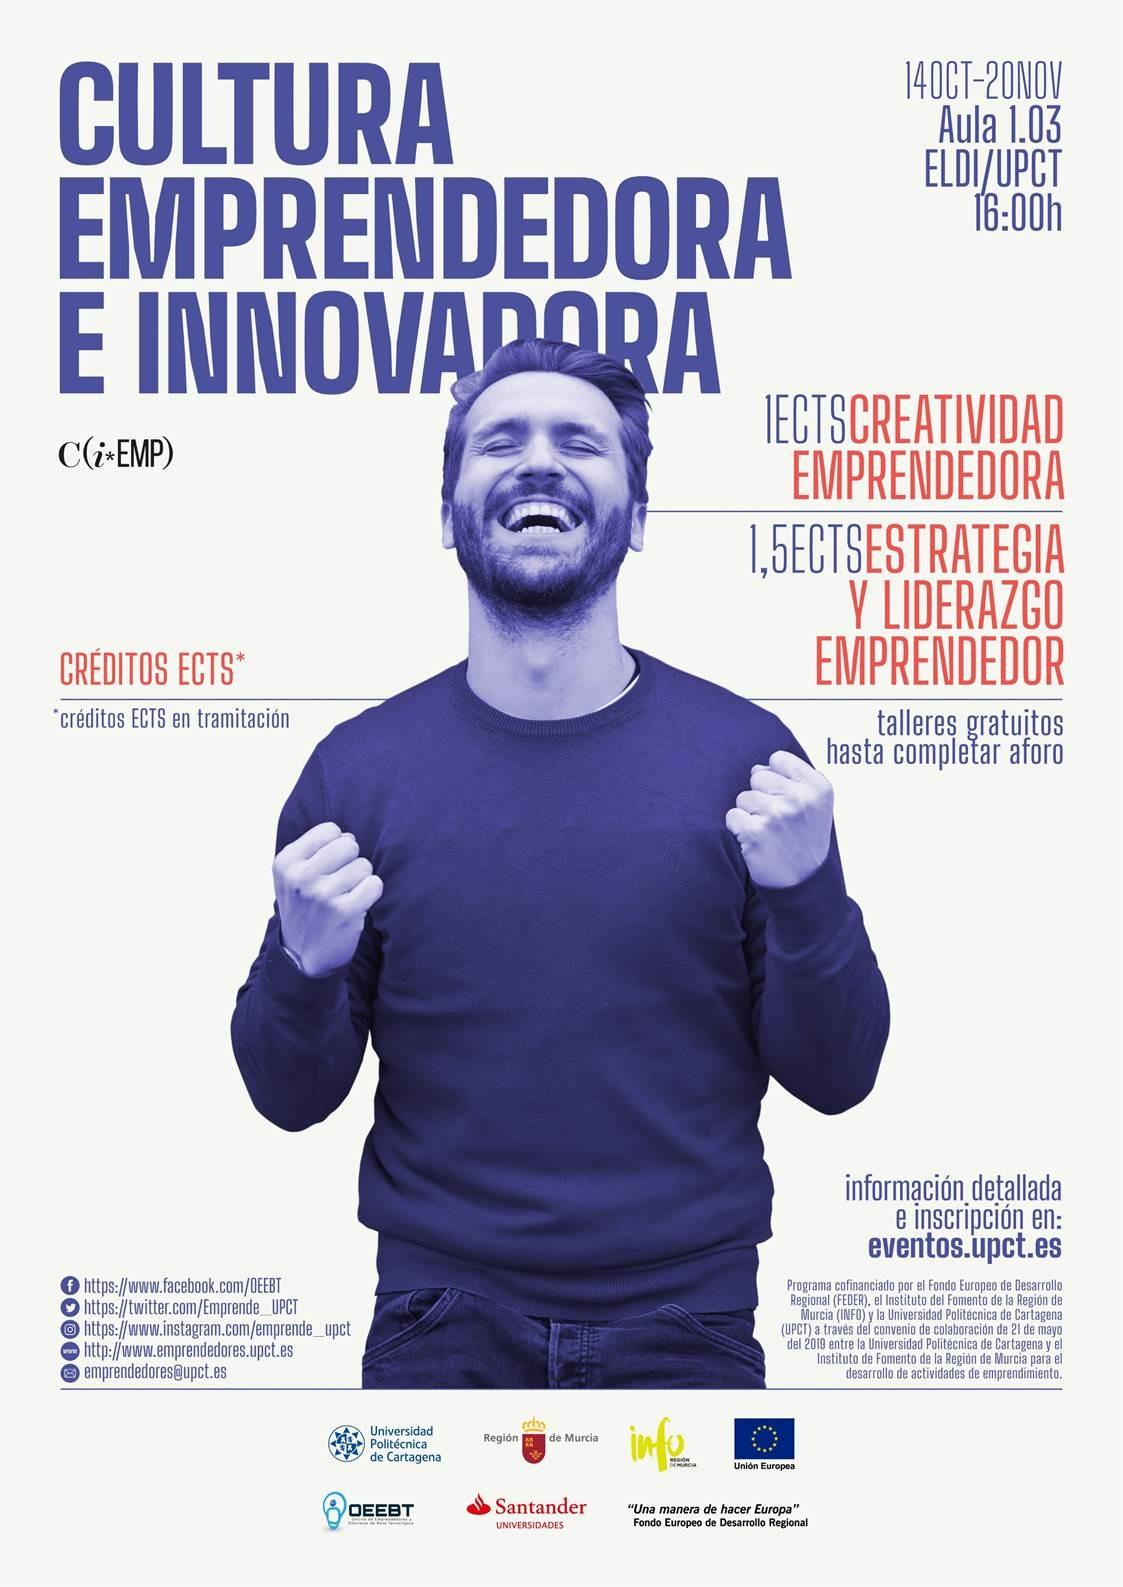 Cultura Emprendedora e Innovadora